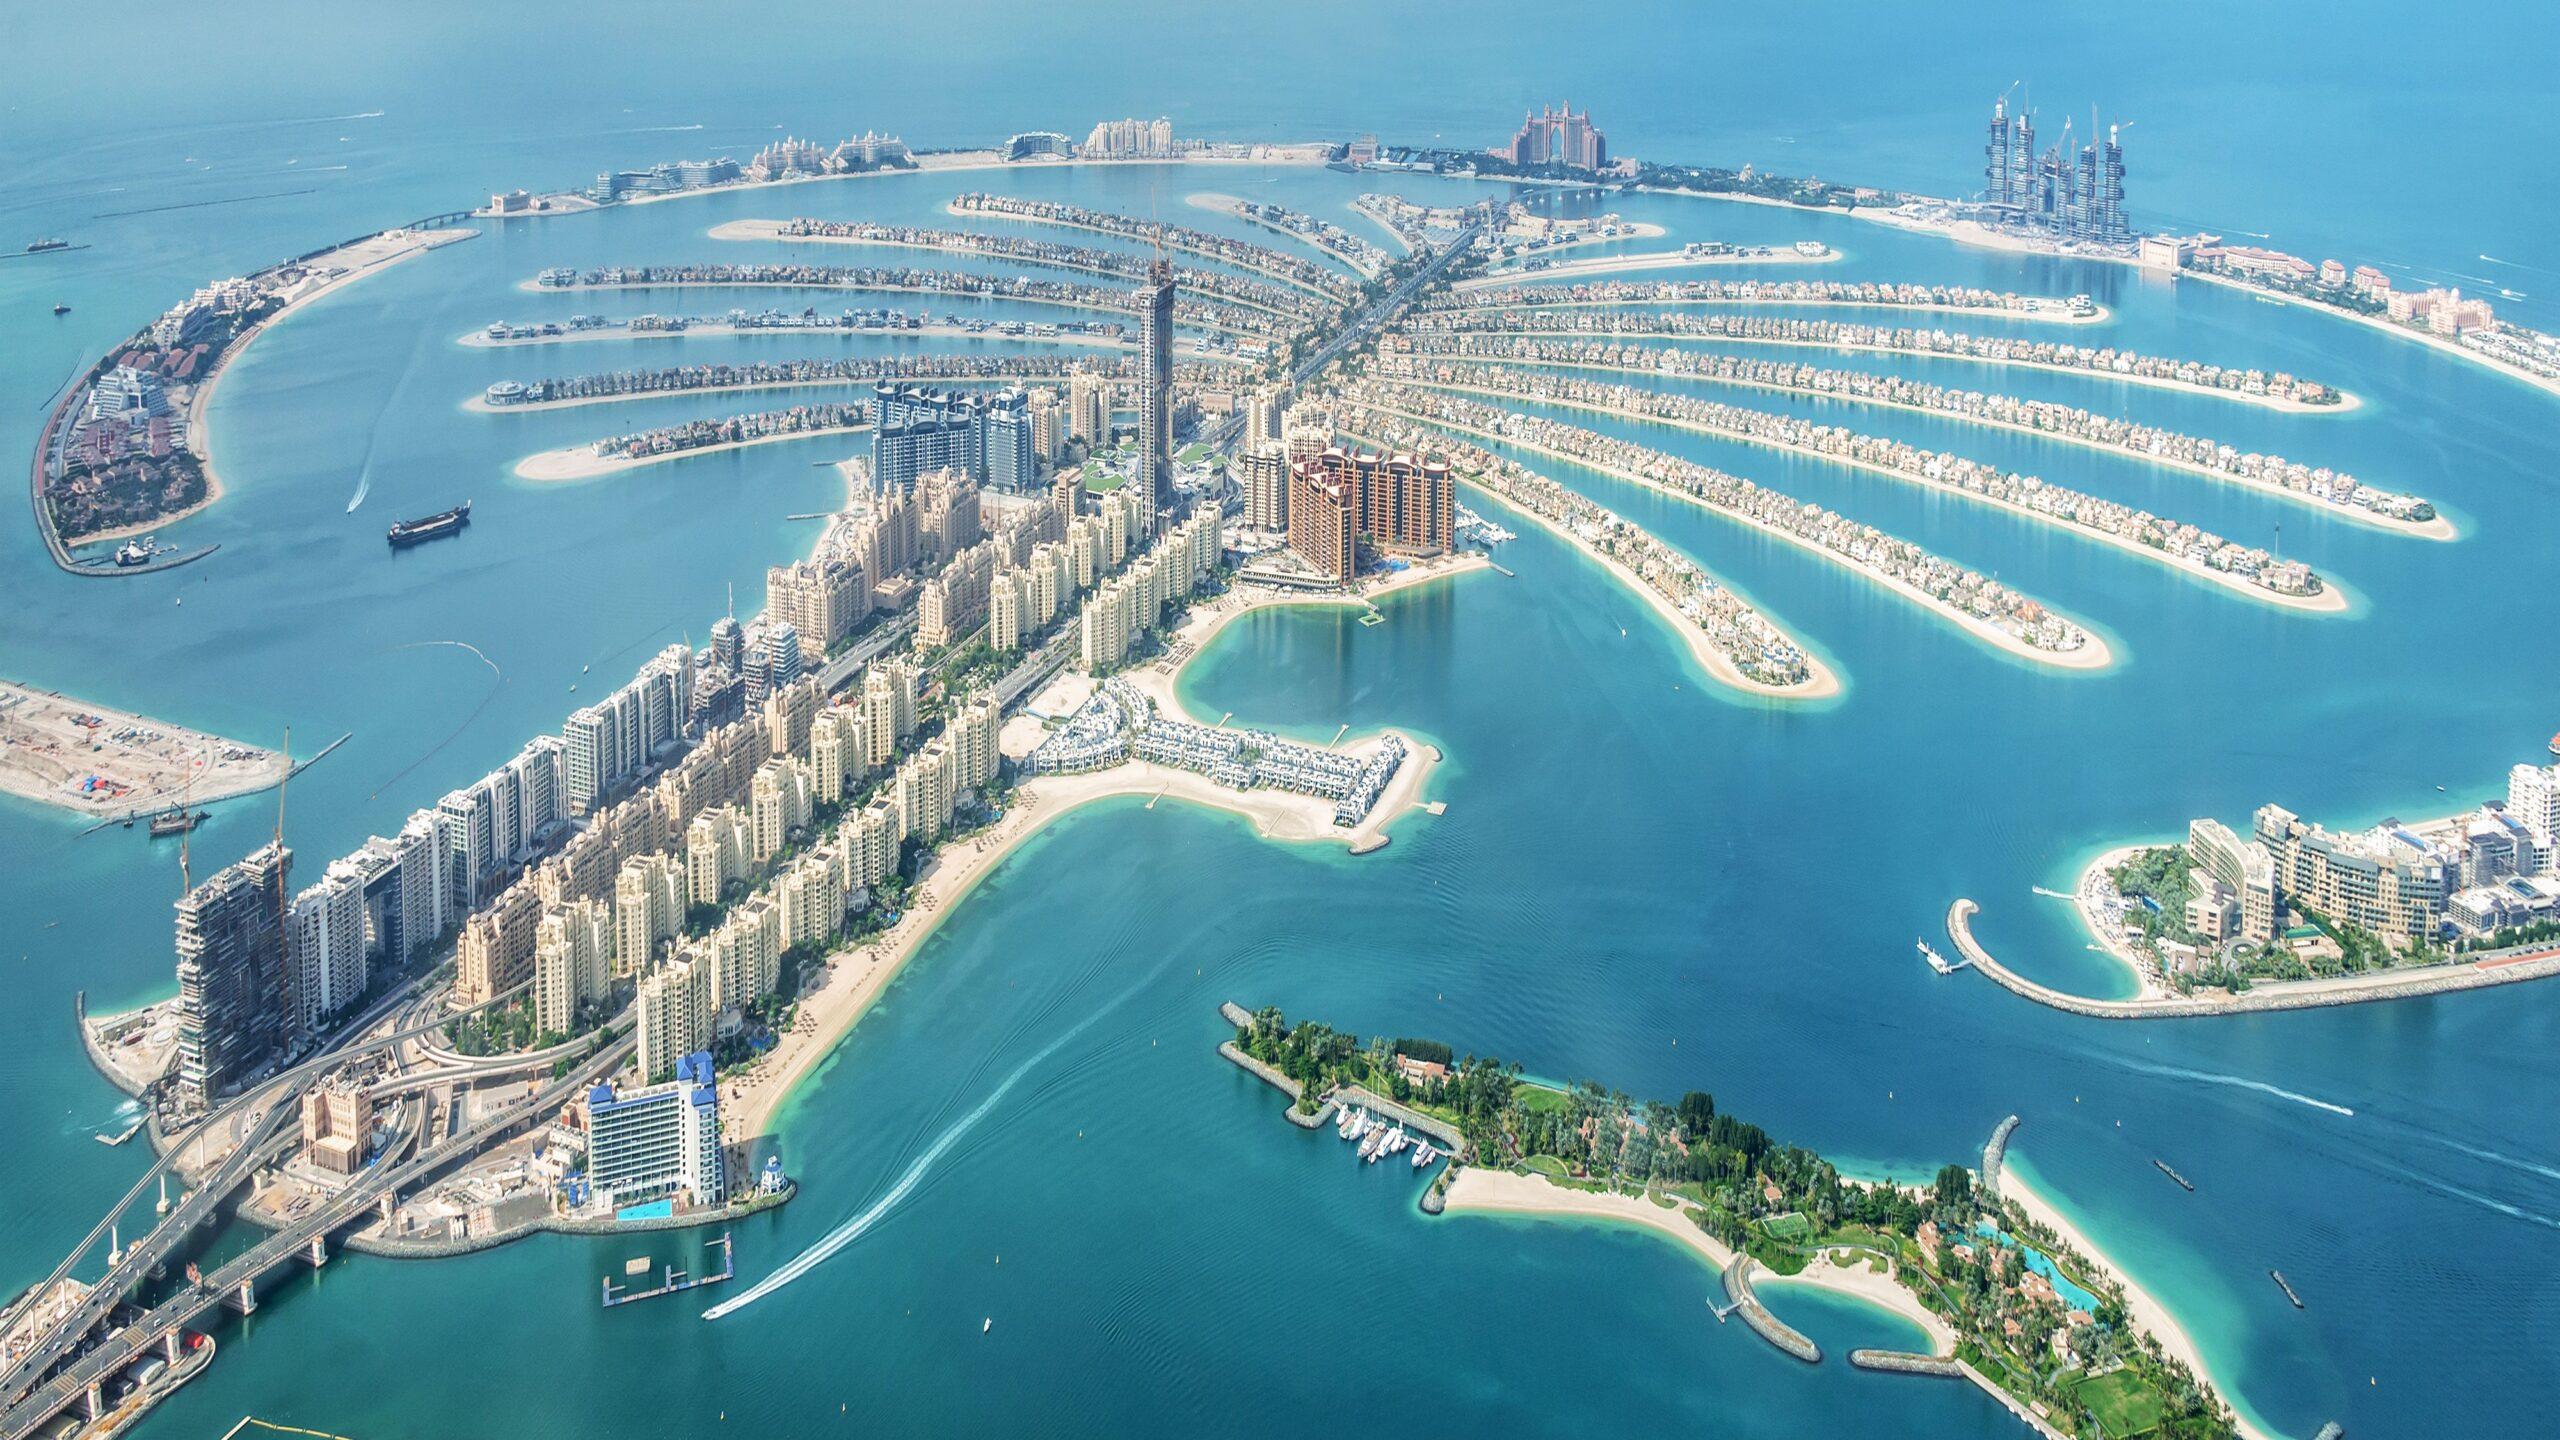 aerial-view-of-dubai-palm-jumeirah-island--united-arab-emirates-1097789900-b6c44835cb3945f481427a612f2cdd0b